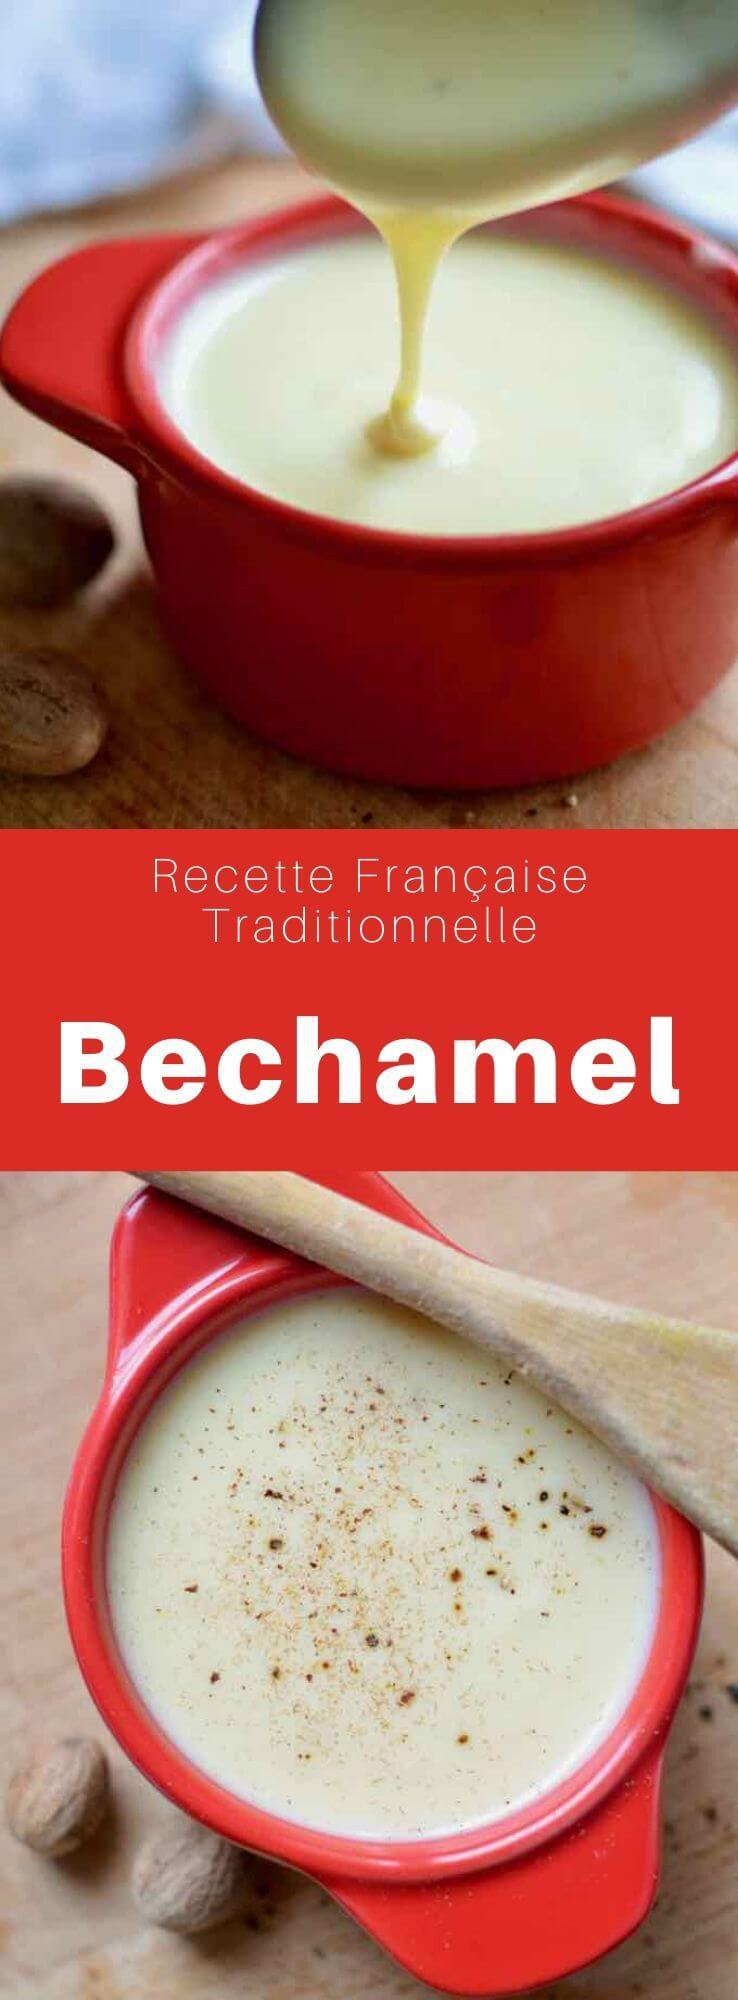 La sauce béchamel est un classique de la cuisine française, qui sert de base à de nombreuses recettes, préparée à partir d'un roux cuit avec du lait. #RecetteFrancaise #CuisineFrancaise #CuisineDuMonde #196flavors